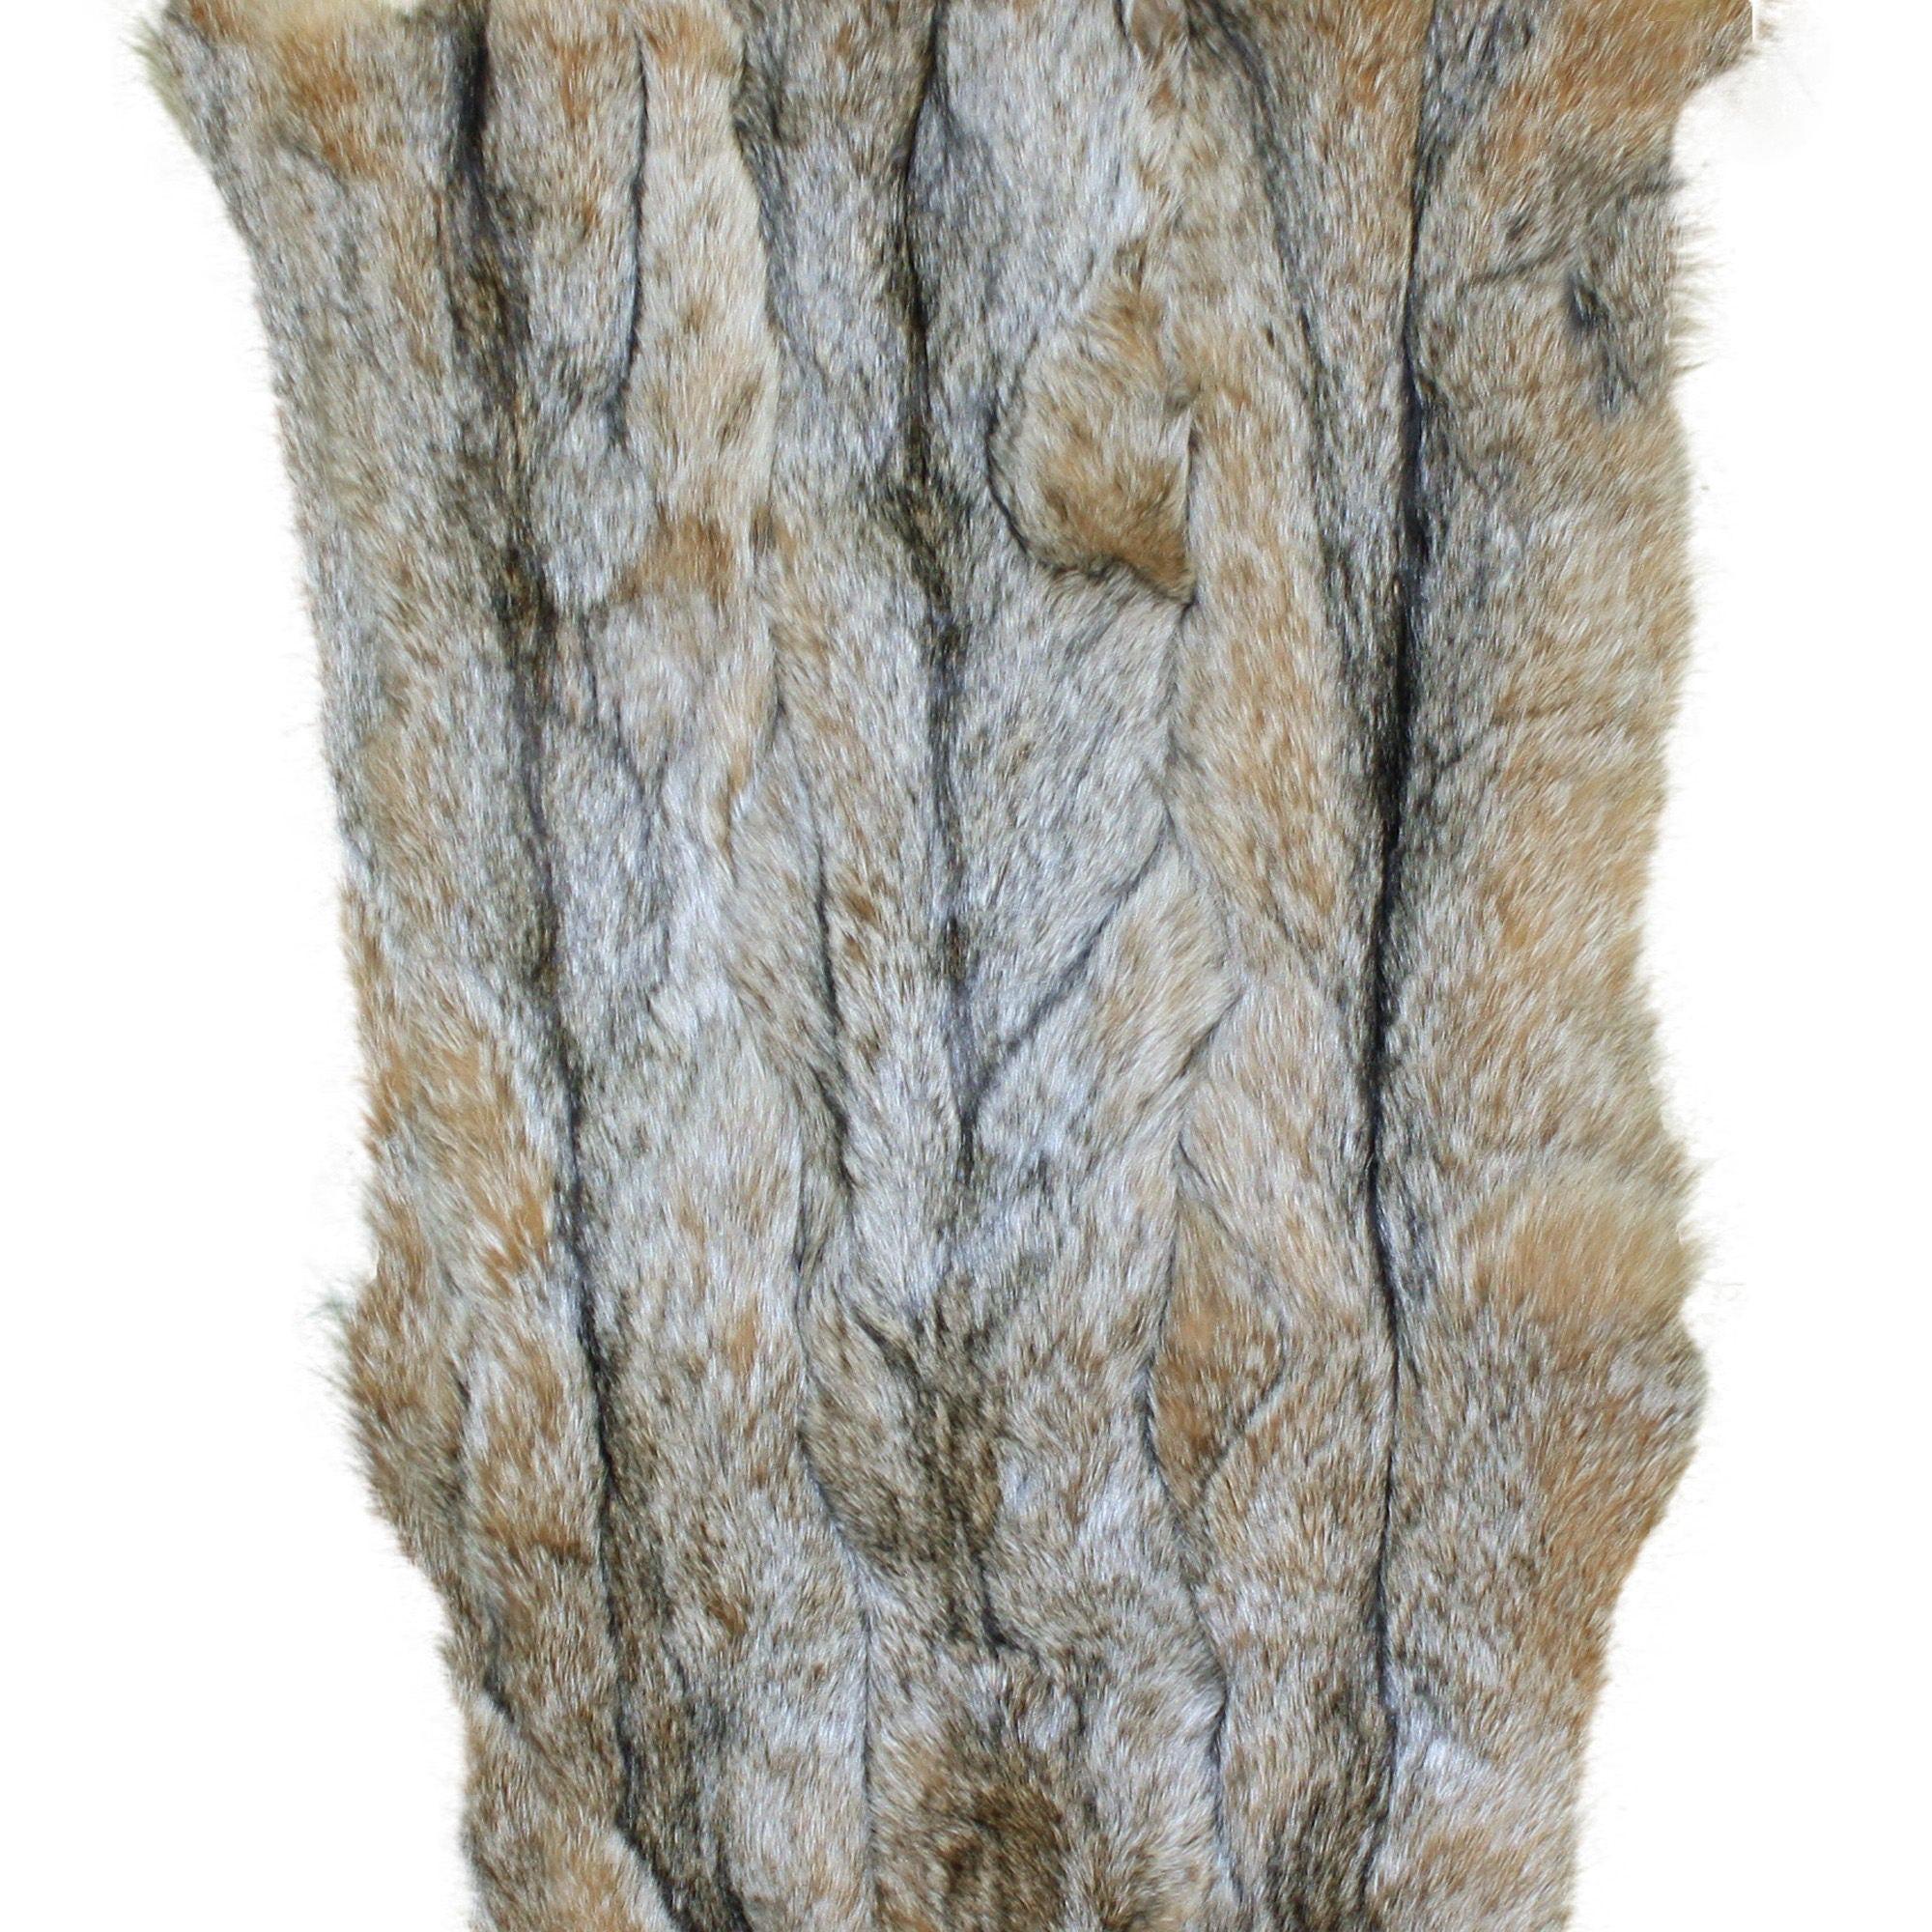 Glacier Wear Canadian Lynx Pelt Hide Fur from GlacierWear on Etsy ... for Lynx Pelt  45hul